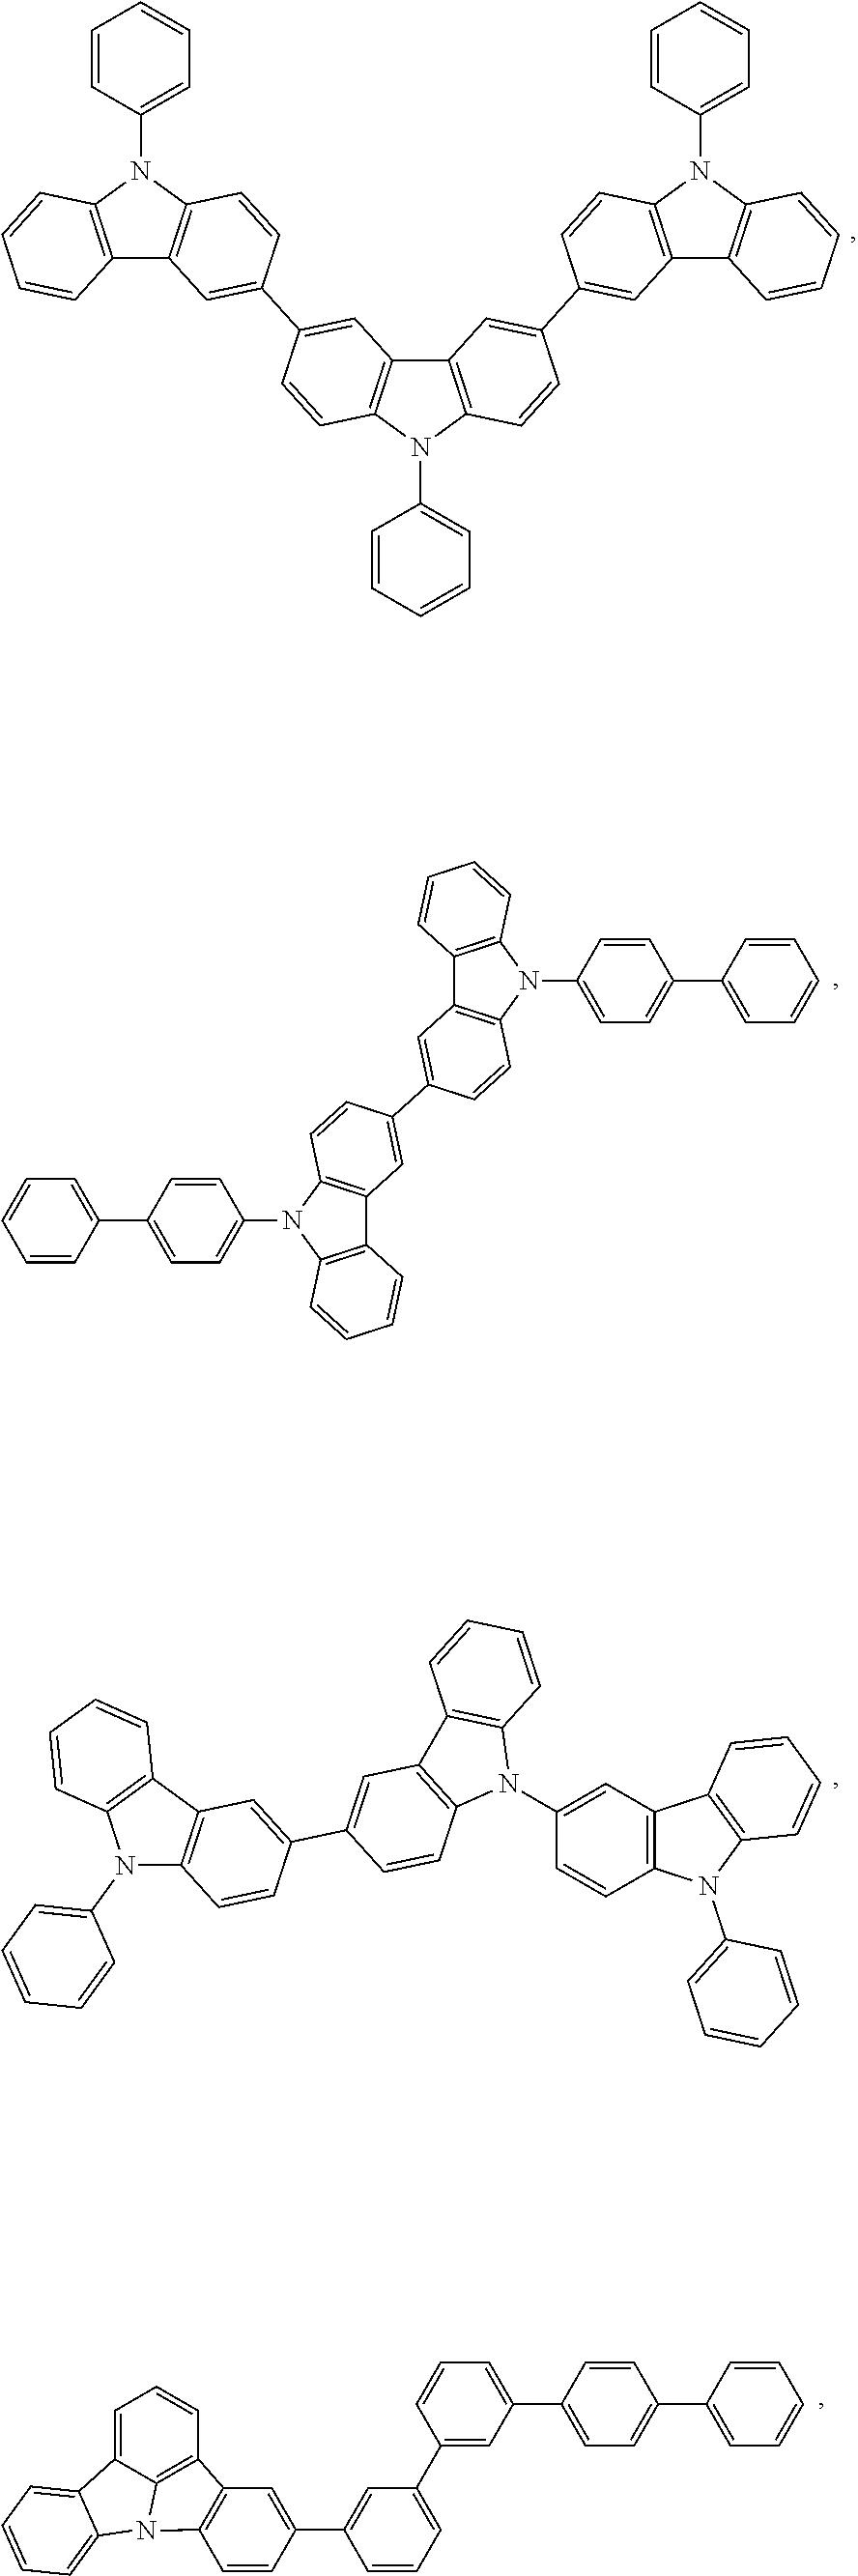 Figure US20190161504A1-20190530-C00053